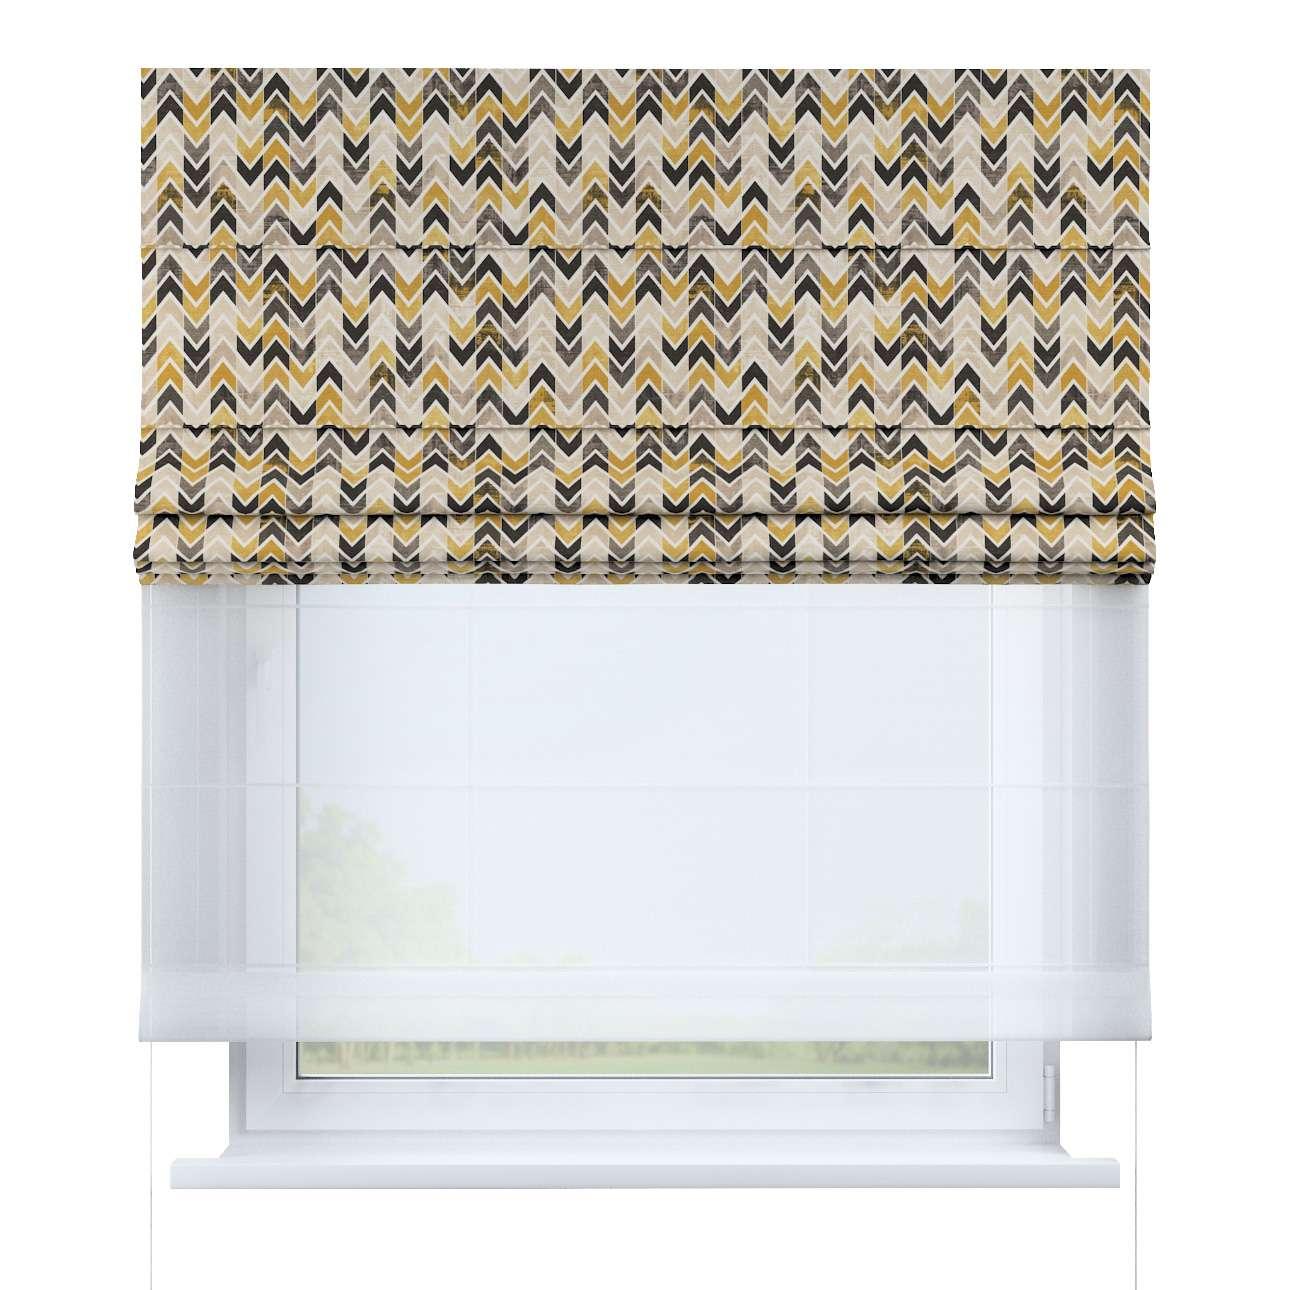 Roleta rzymska Duo w kolekcji Modern, tkanina: 142-79